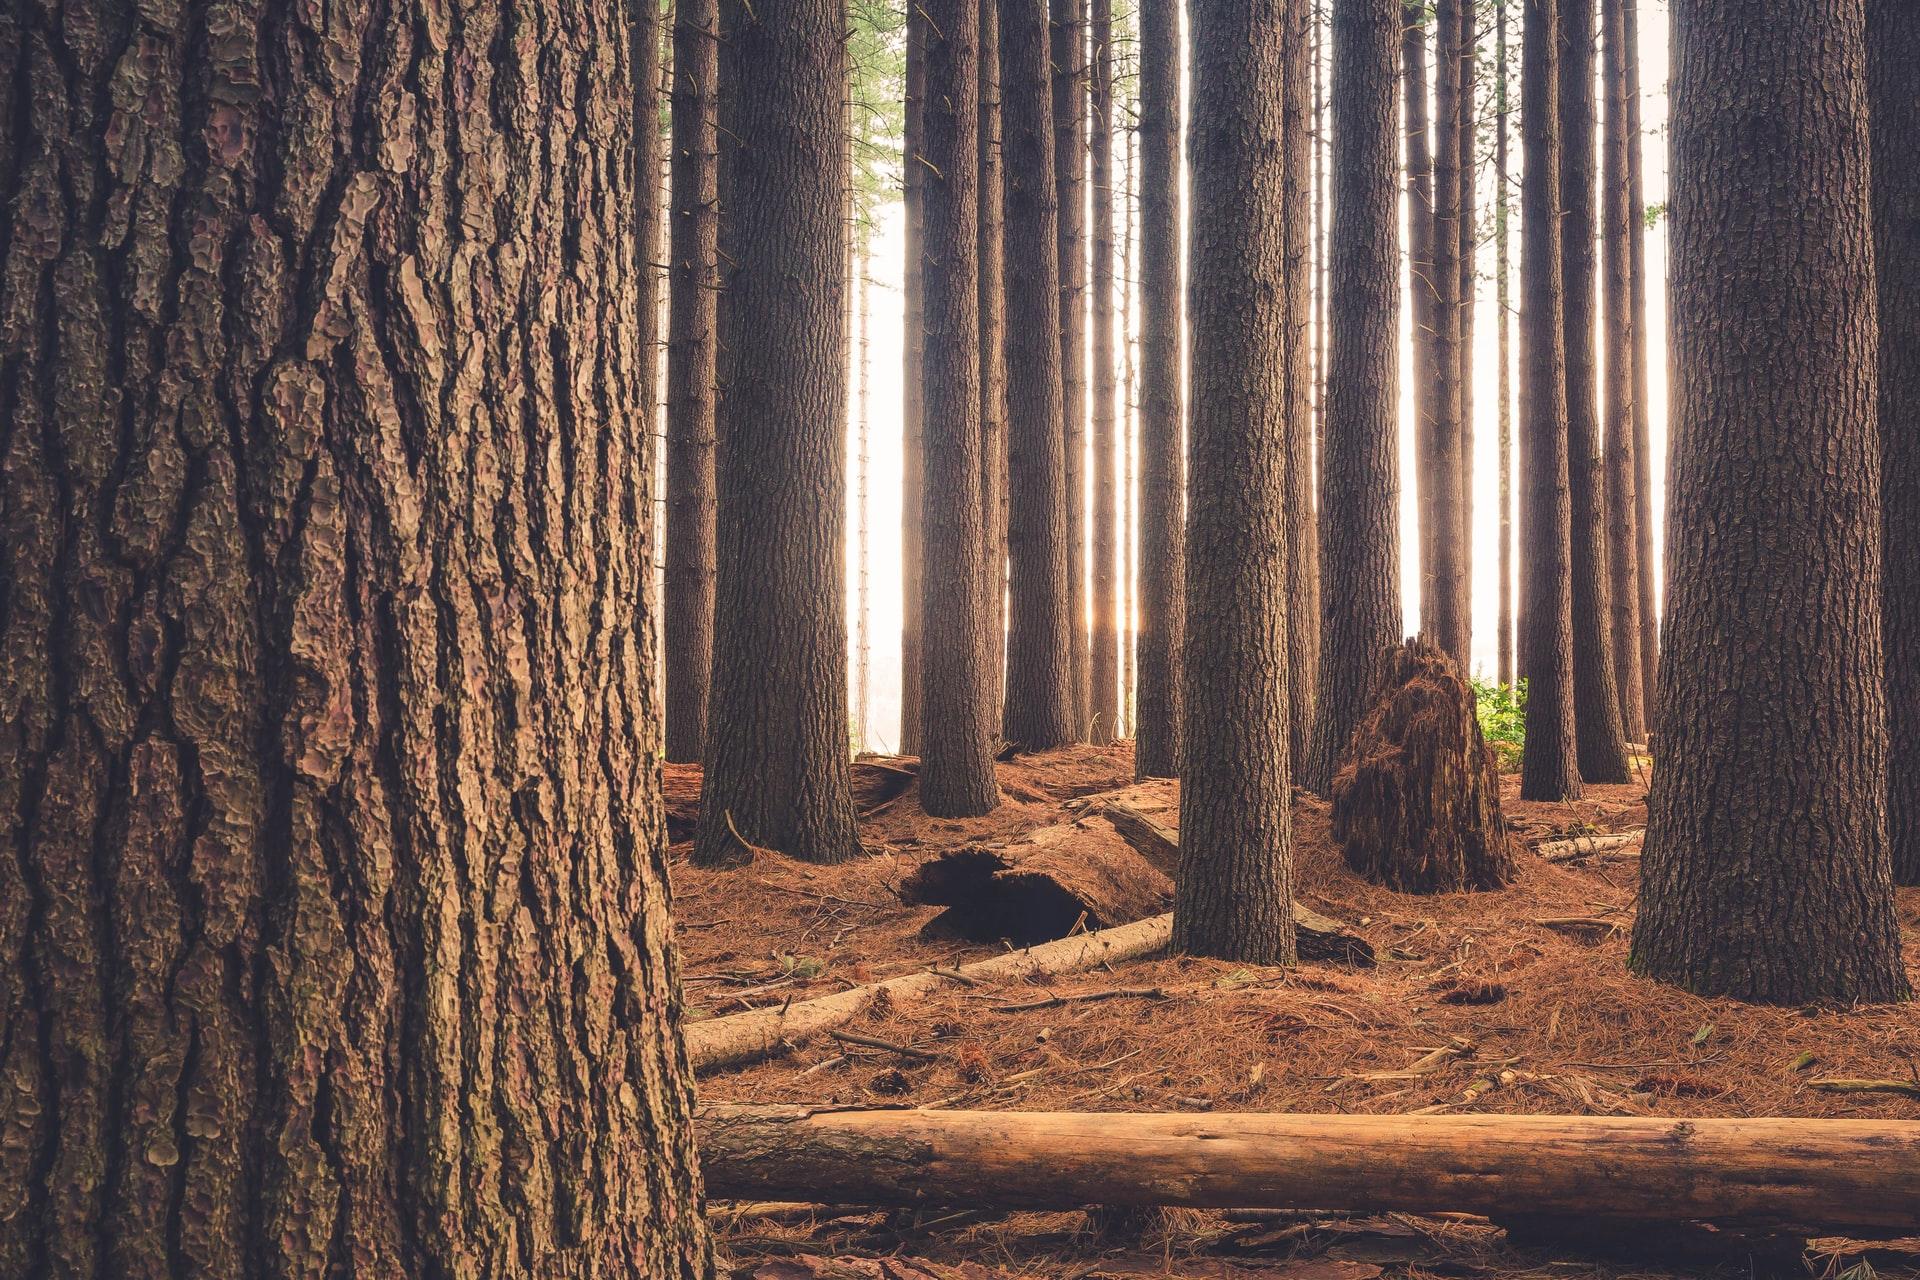 boschi da visitare in lombardia